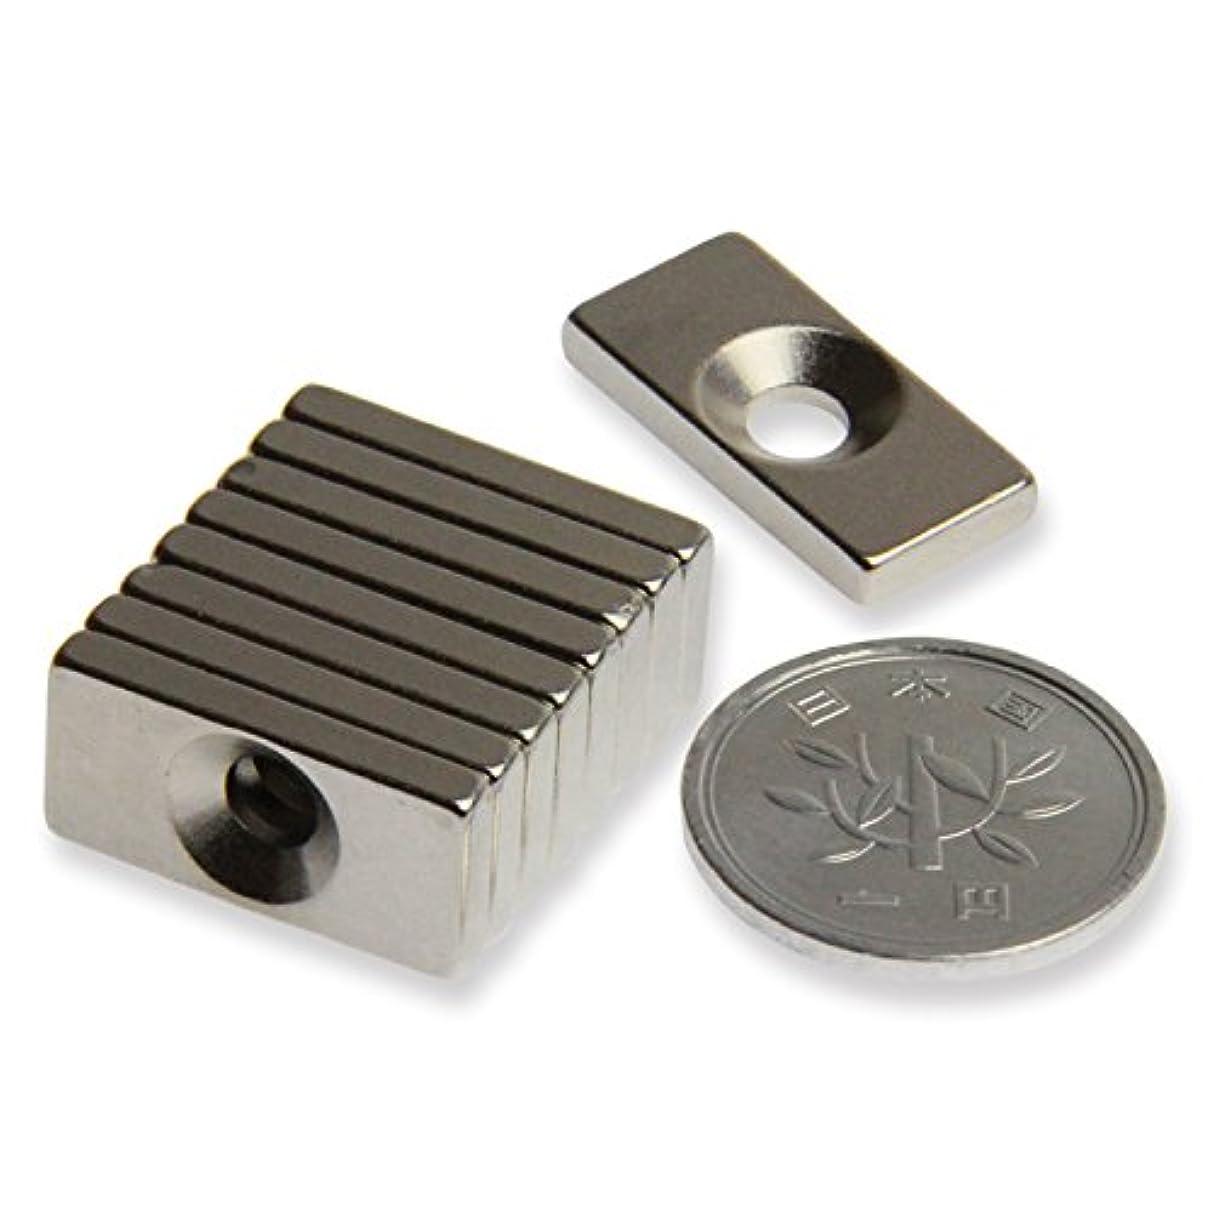 皿別々に太鼓腹Kraftex (クラフテックス) 磁石シート - プレミアムグレードの超強力マグネットシート 壁、板、クラフト、物置、DIY、ホーム、ガレージ、ディスプレイに使える裏面両面テープ付きマグネットテープ - 5枚入り